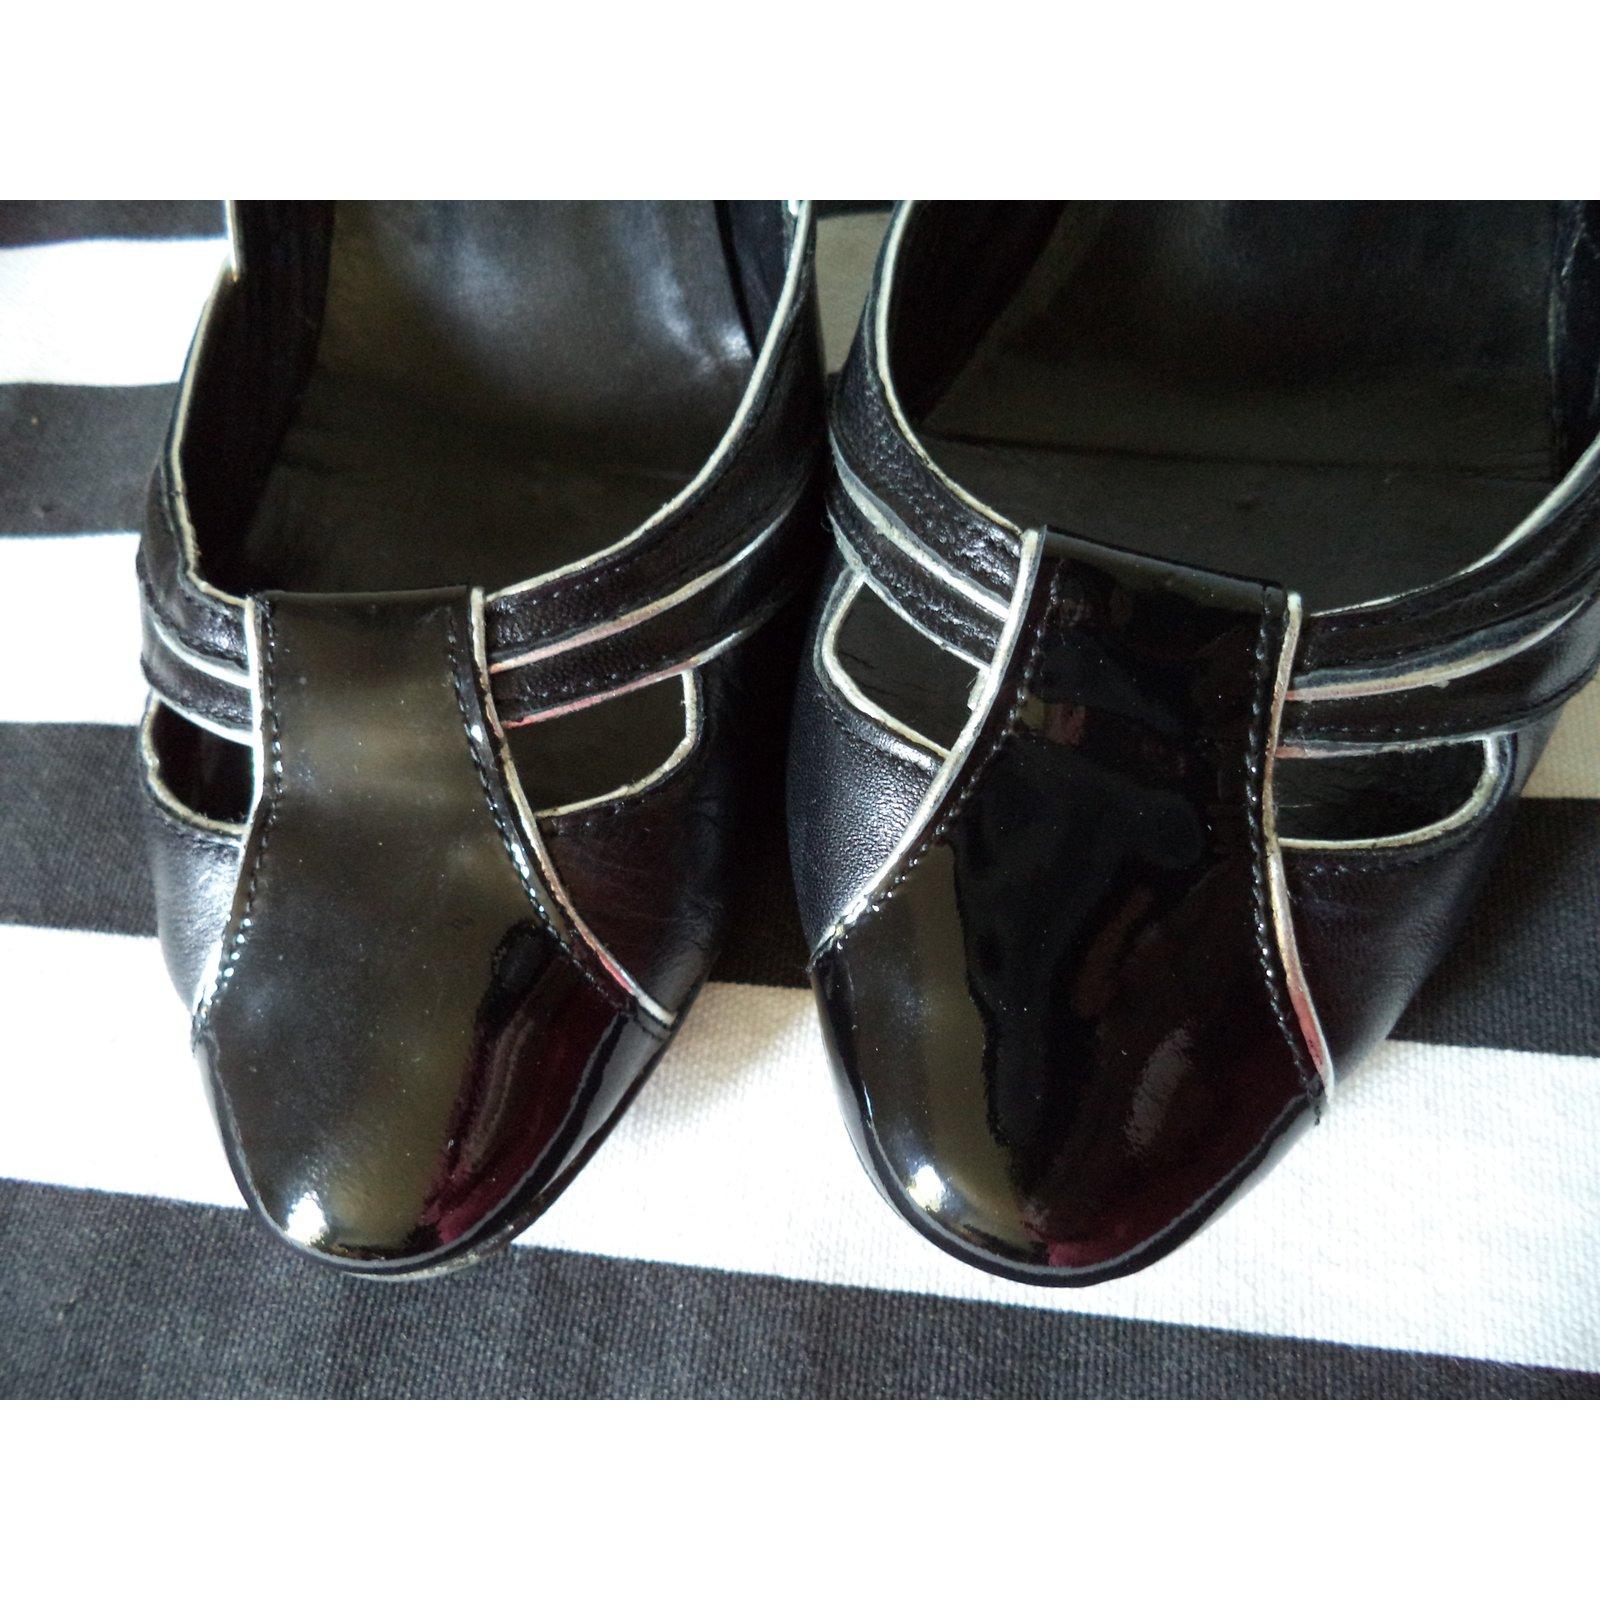 bfc00104b483 Gaspard Yurkievich Kitten Heel Pumps Heels Patent leather Black ref.49644 -  Joli Closet